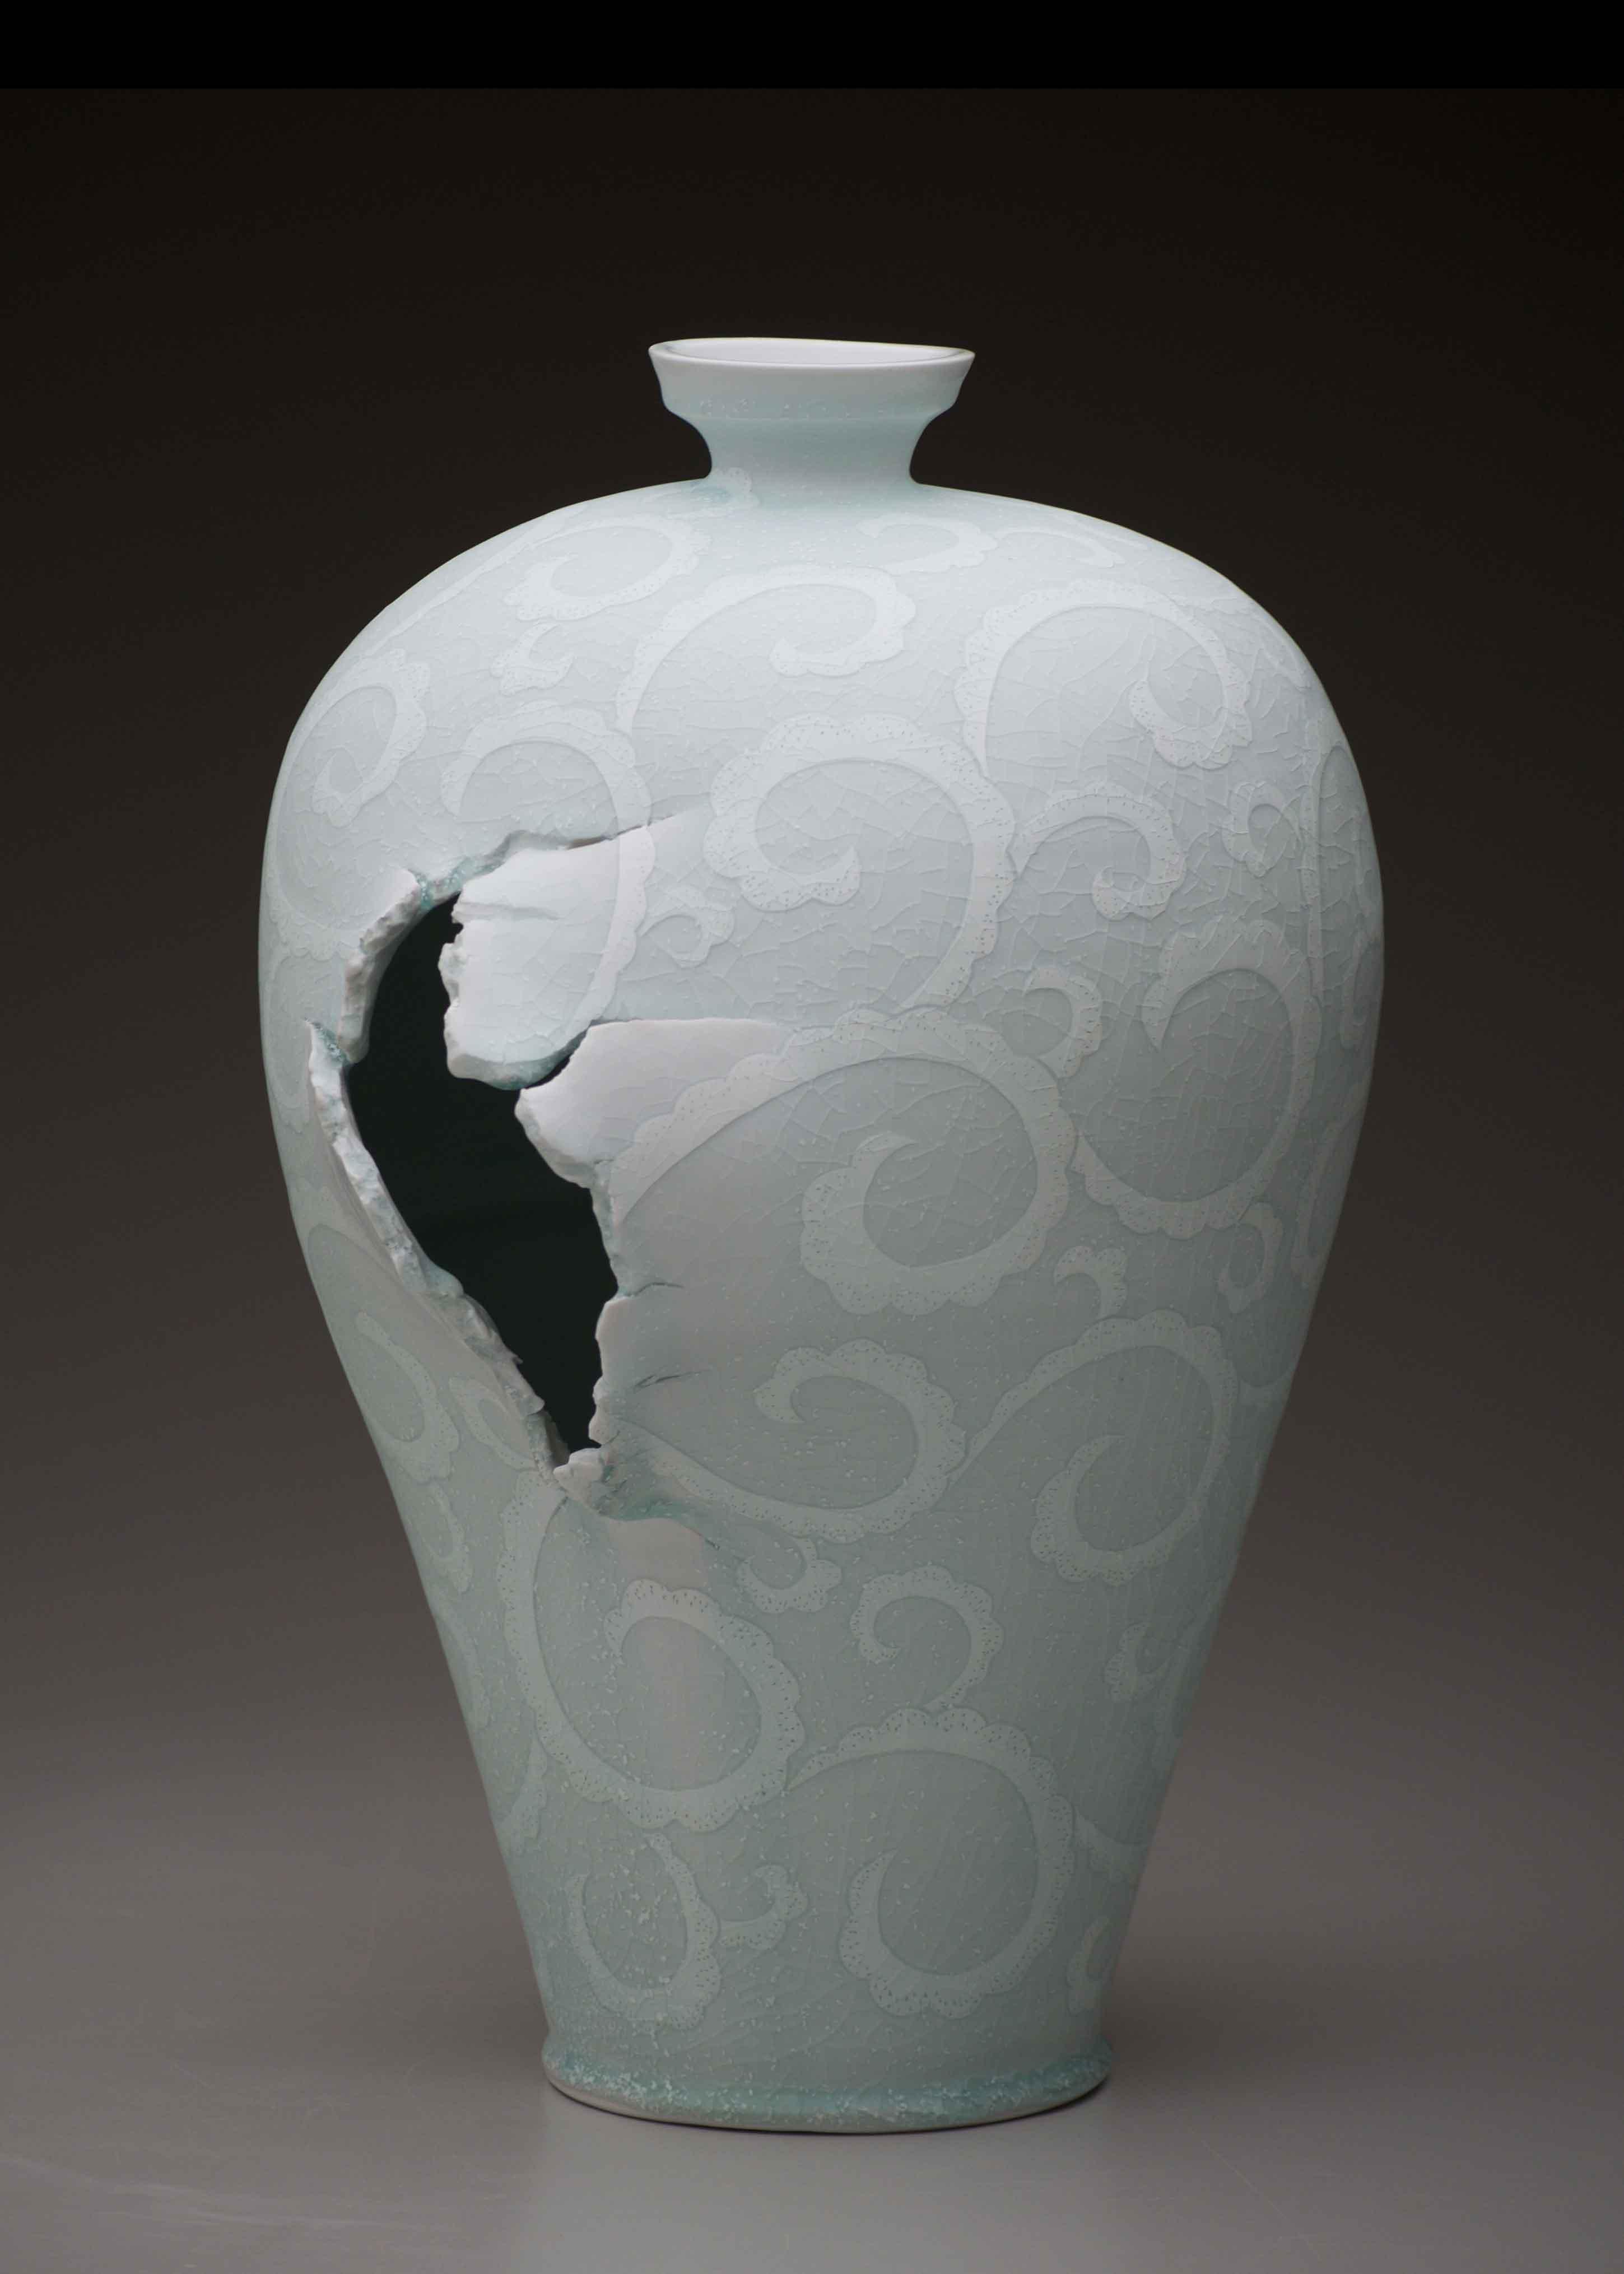 Vase by Steven Lee